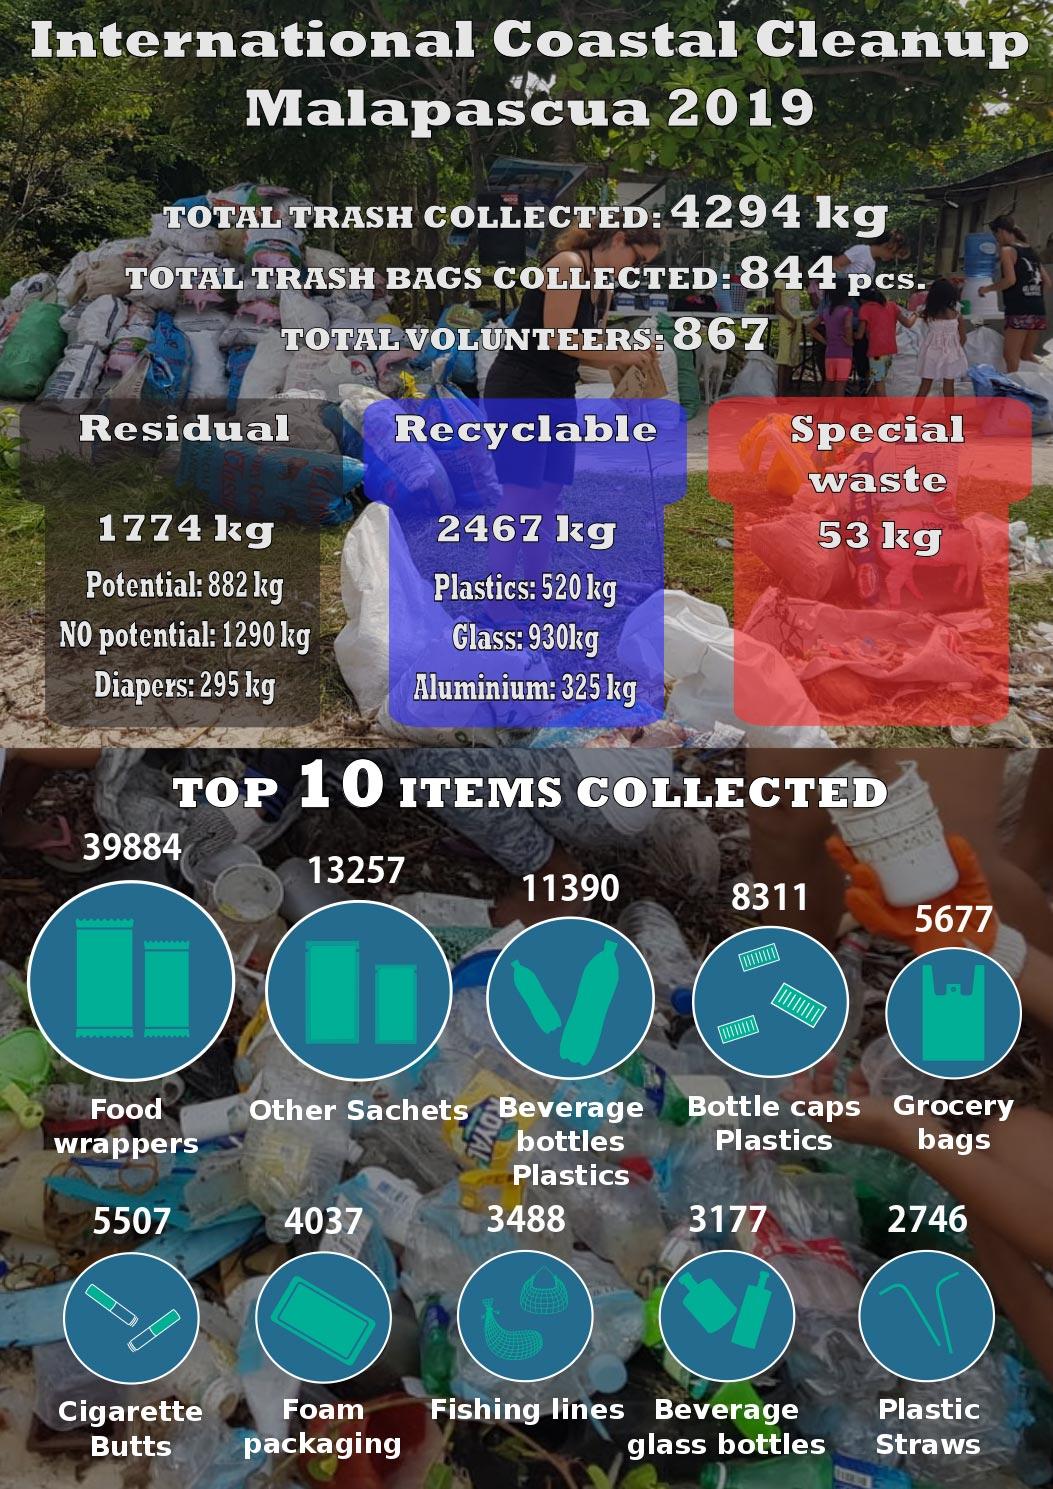 malapascua coastal cleanup